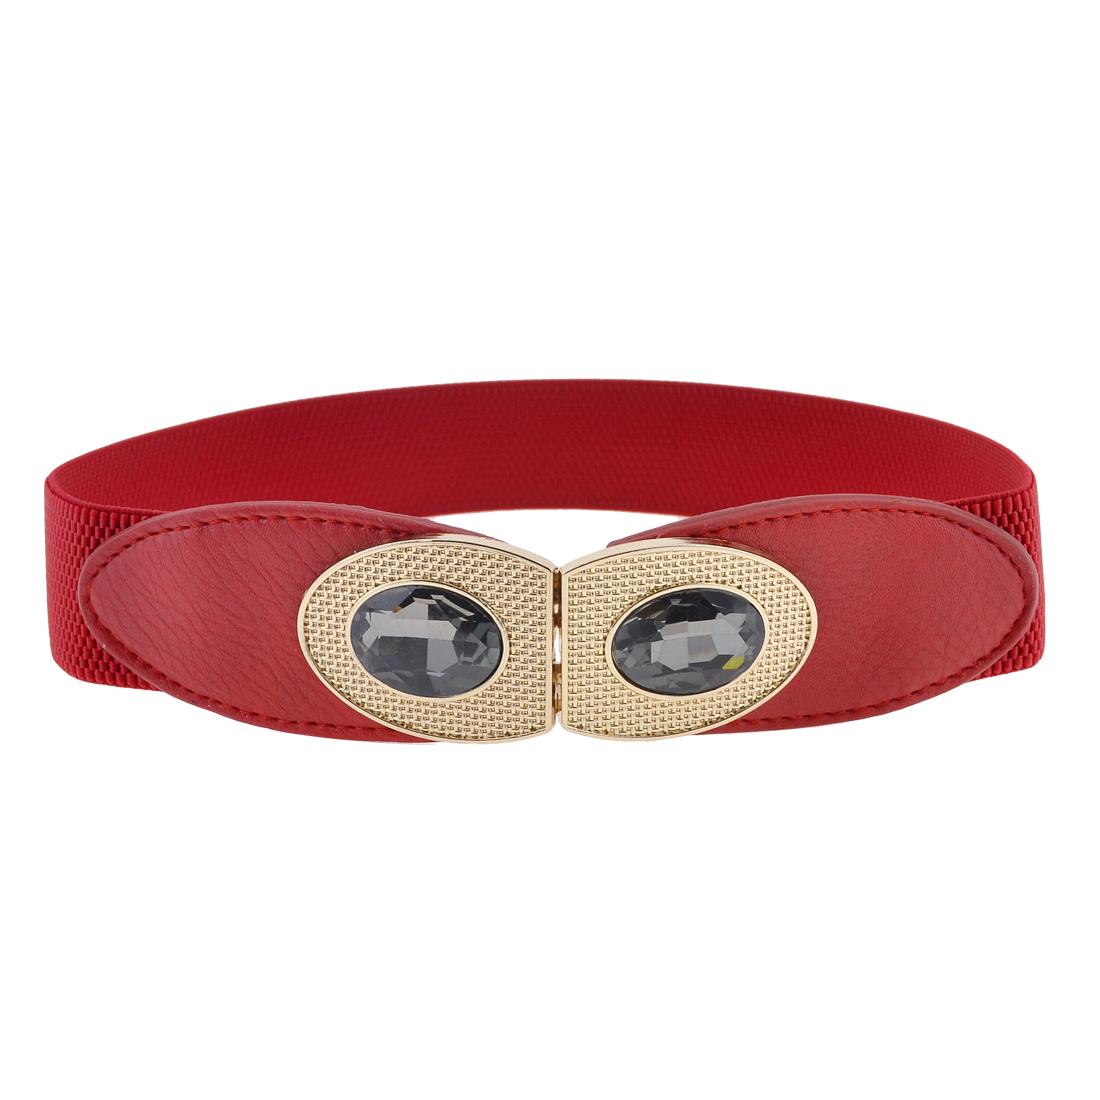 Lady Faux Cystal Detal Eye Shape Interlocking Buckle Red Stretchy Cinch Belt